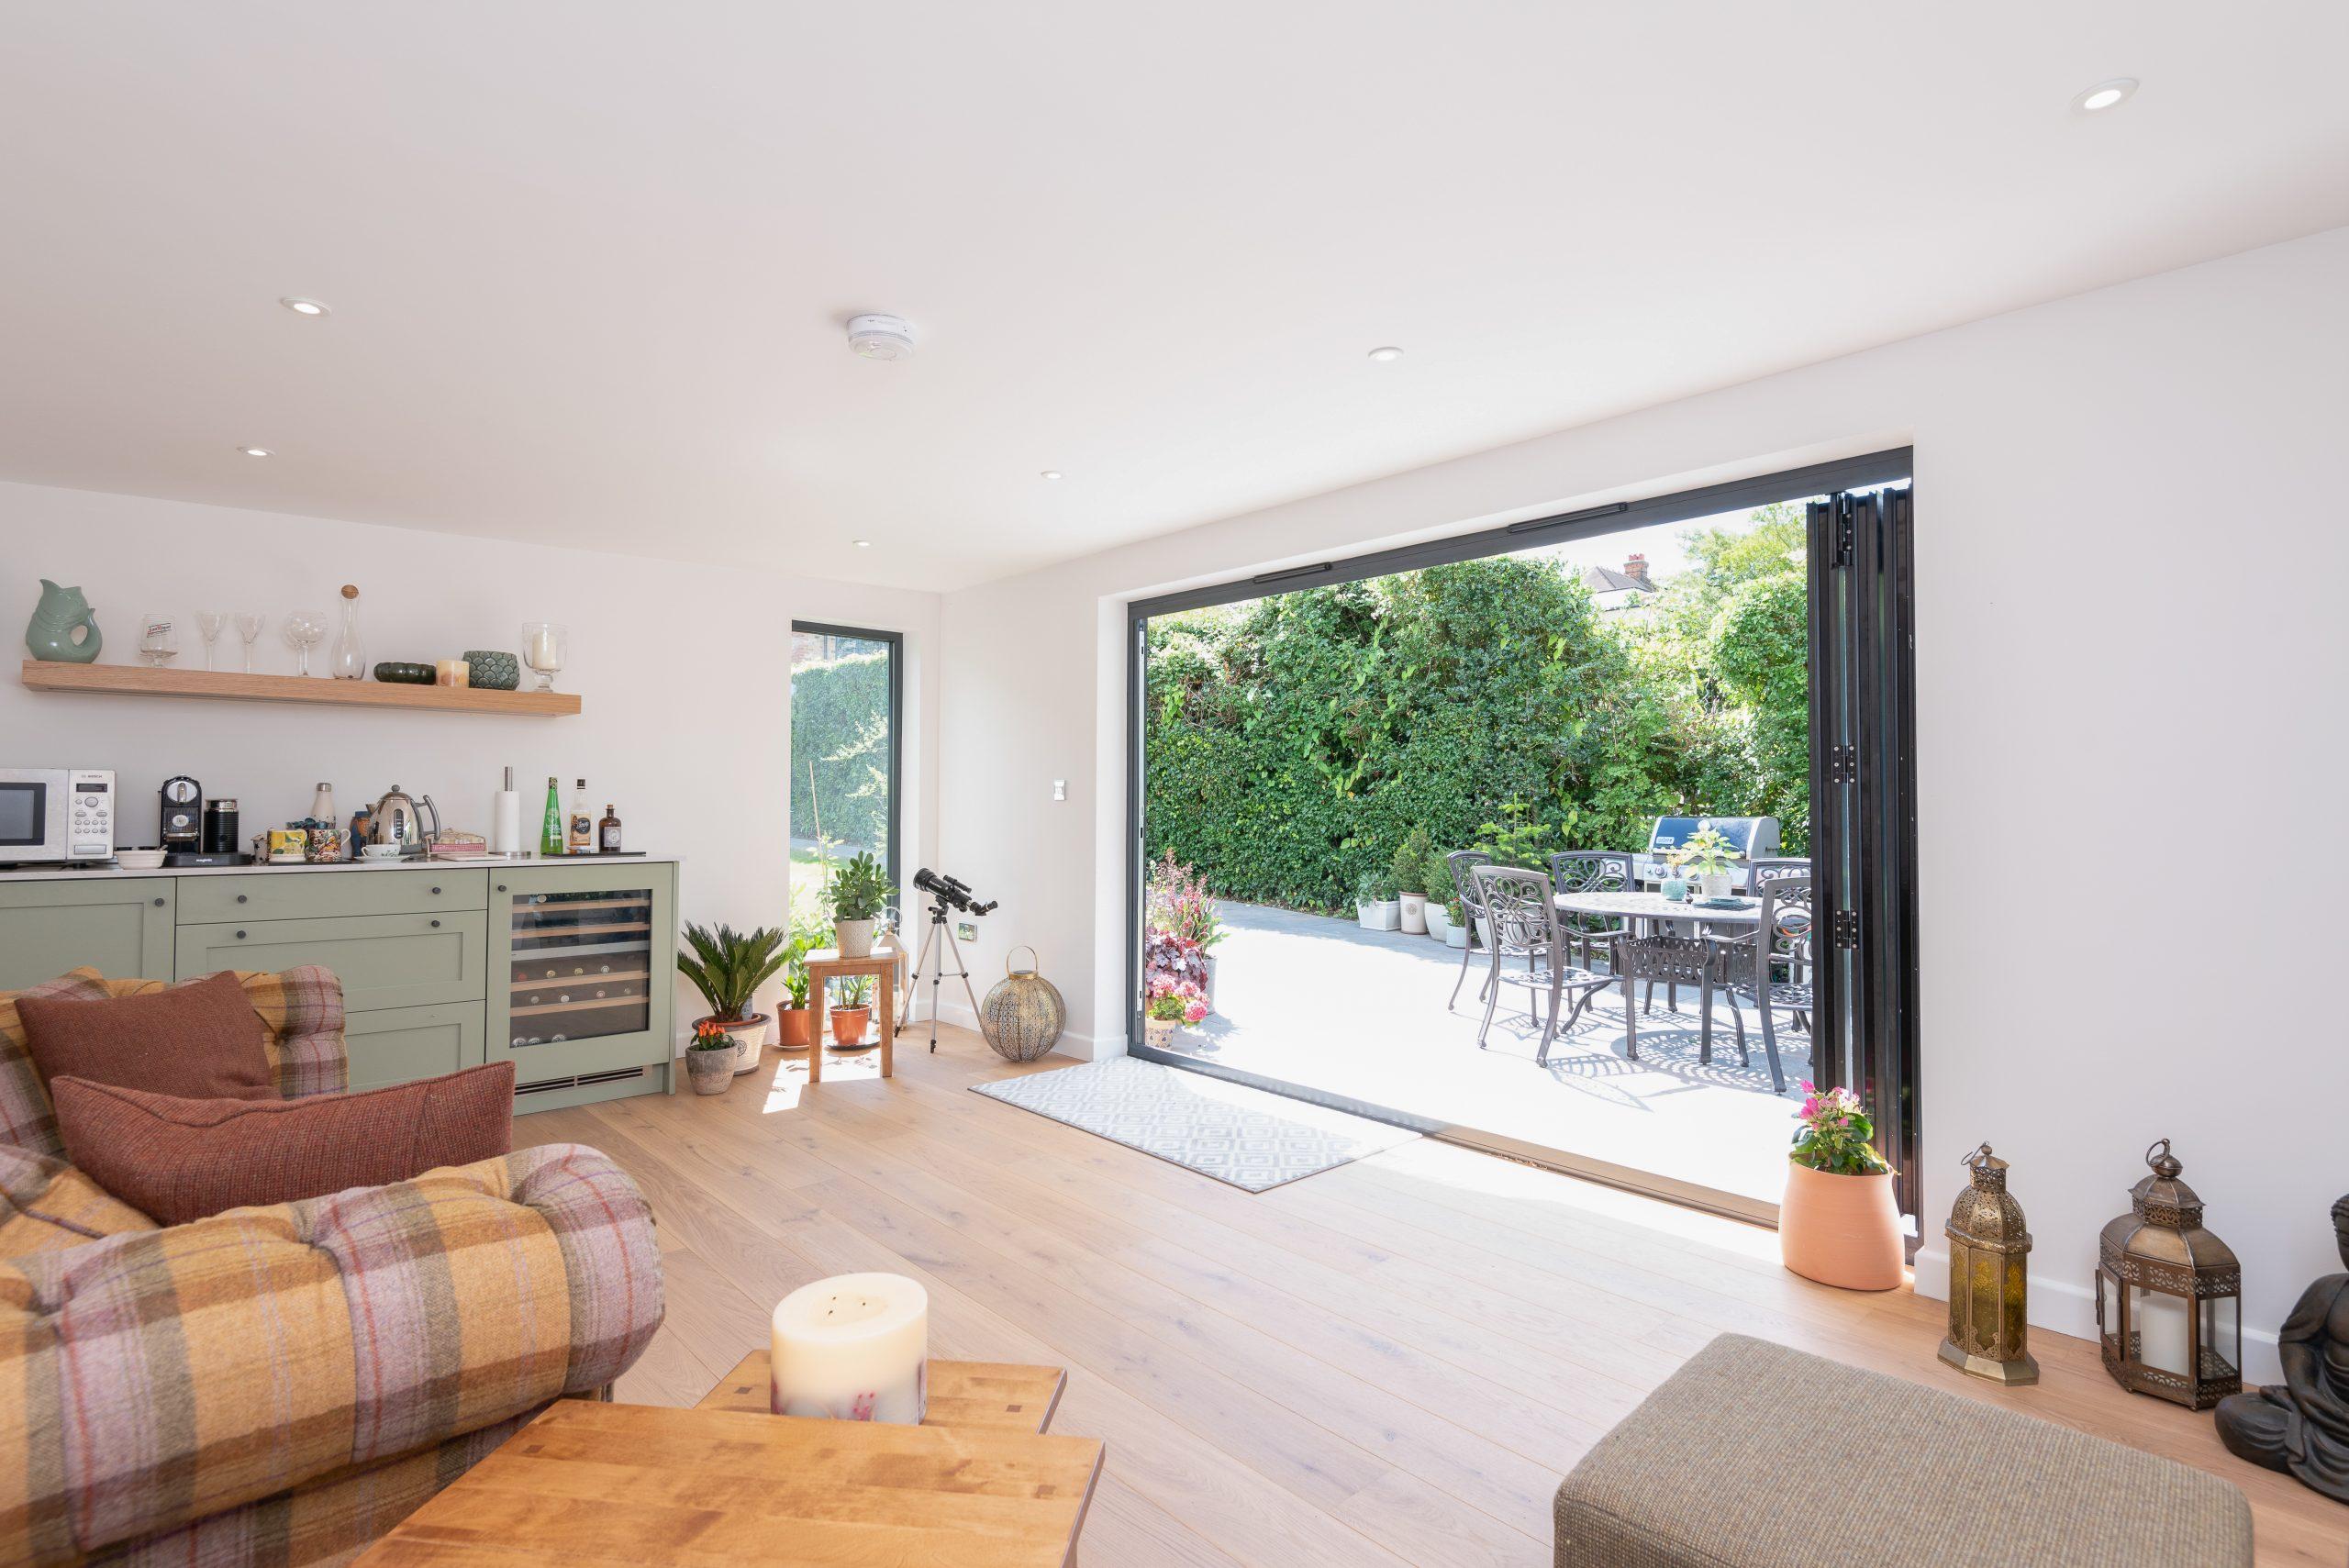 Luxury garden room design